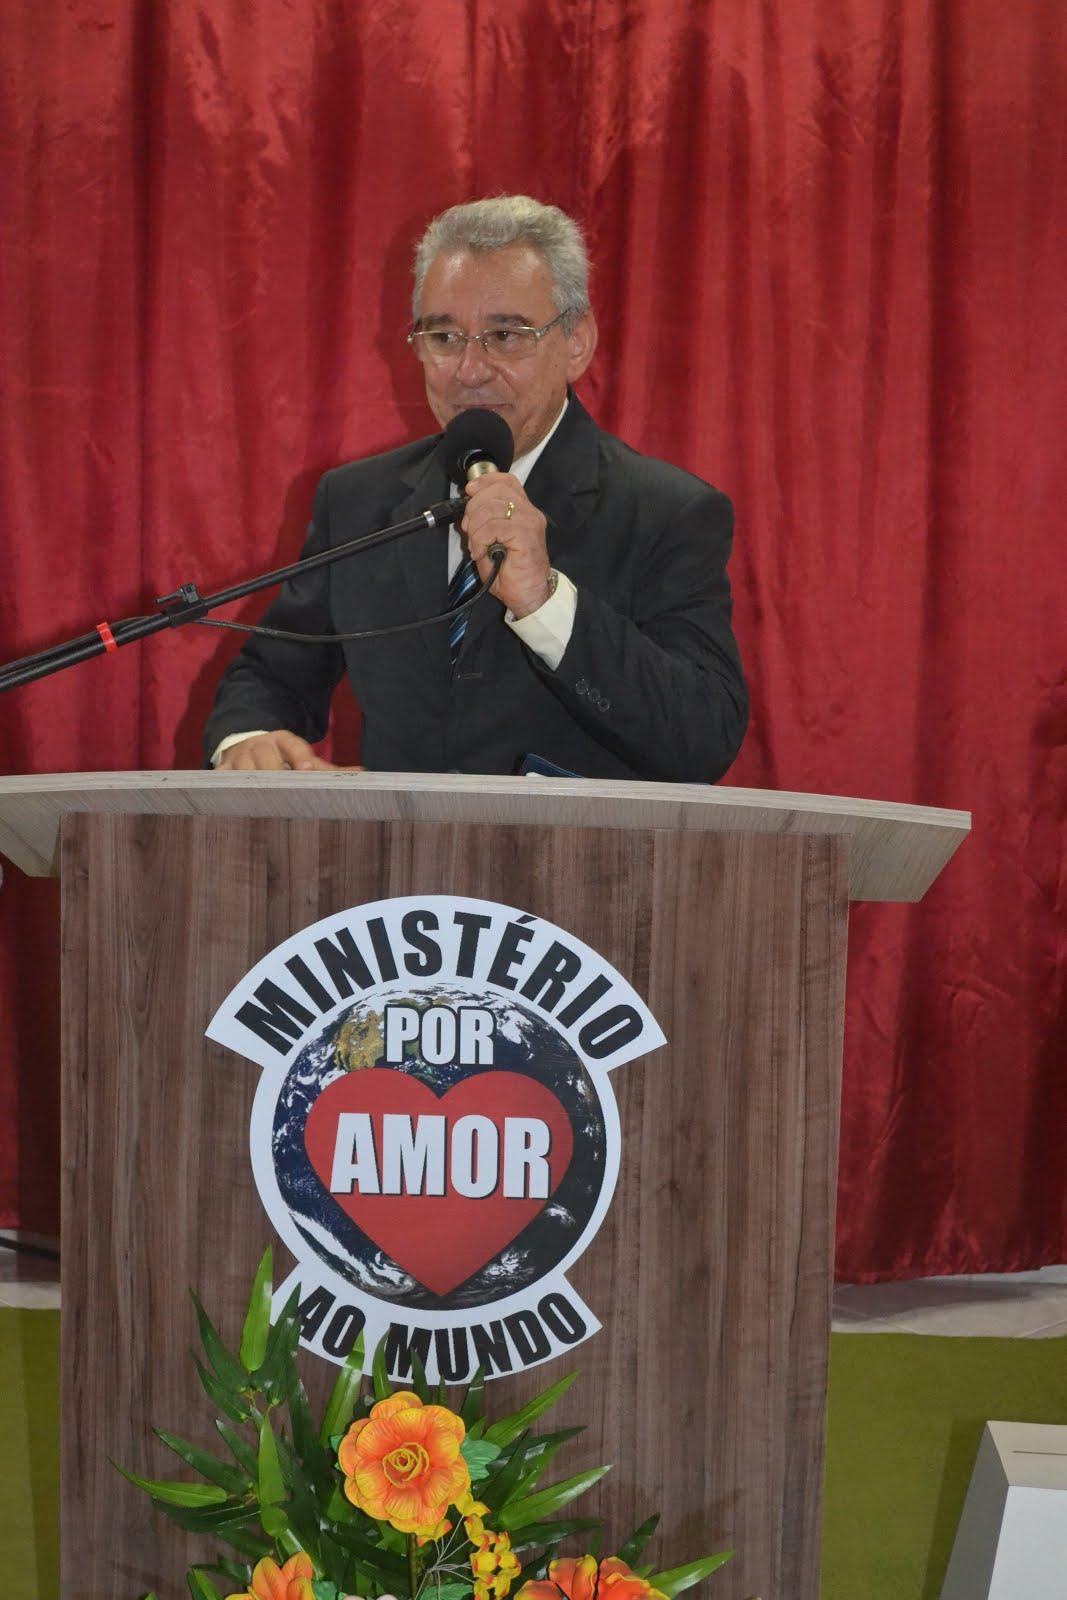 Comunidade Evangélica do Ministério Por Amor Ao Mundo